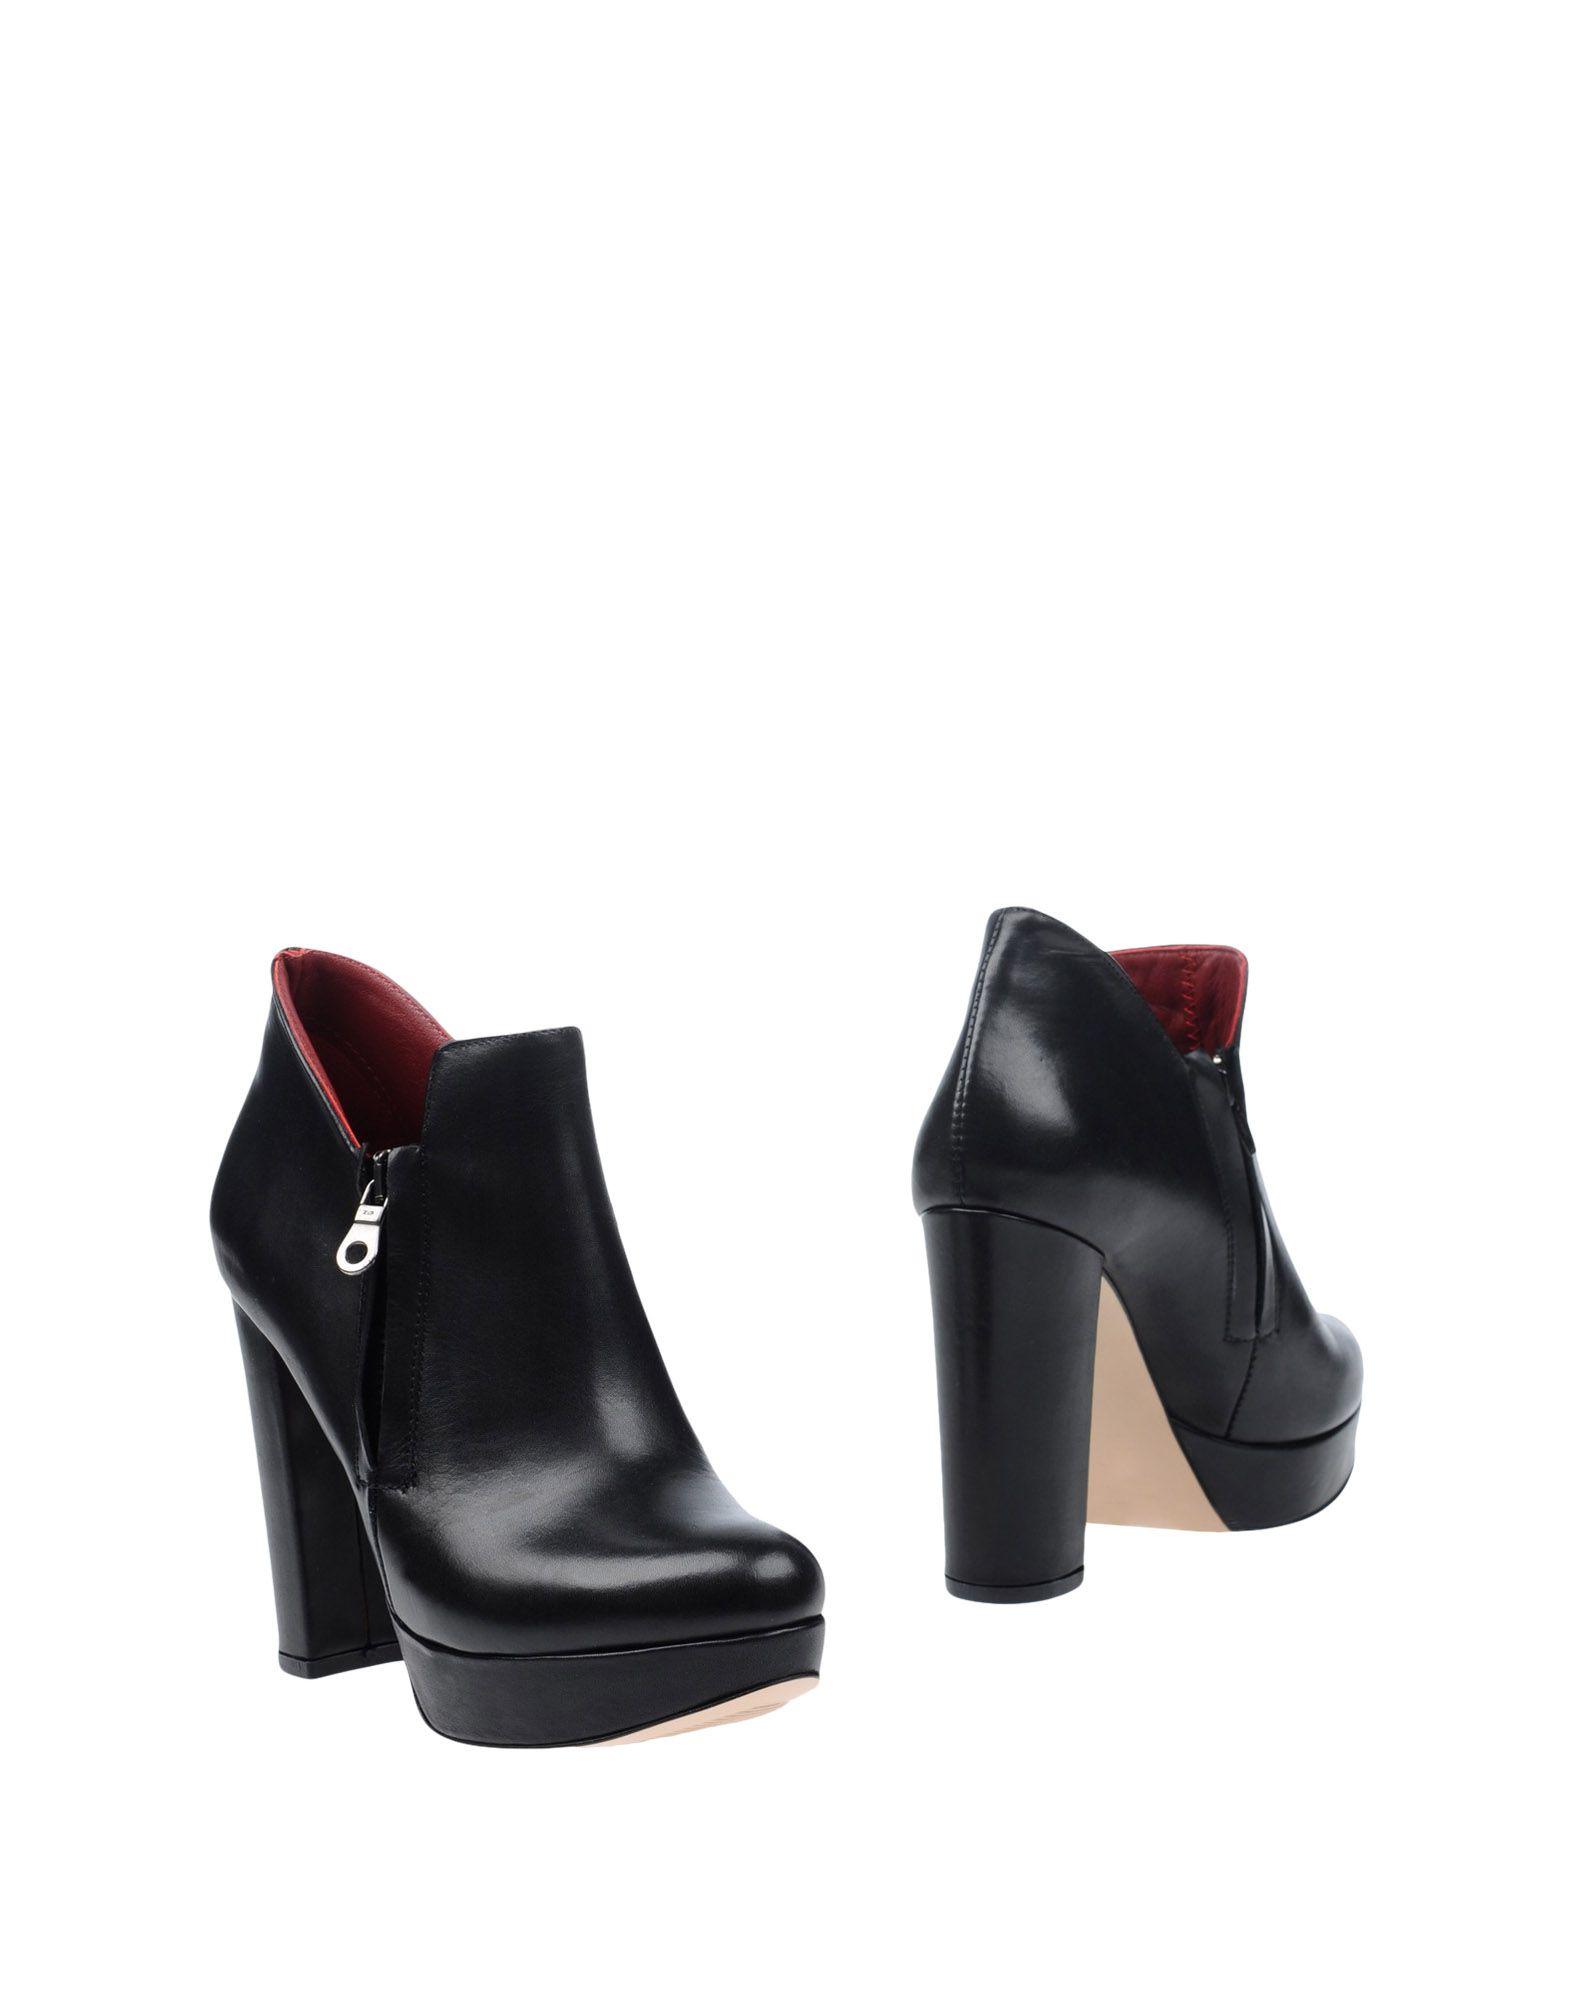 Brawn's Stiefelette Stiefelette Brawn's Damen  11265284UH Gute Qualität beliebte Schuhe bc1f14